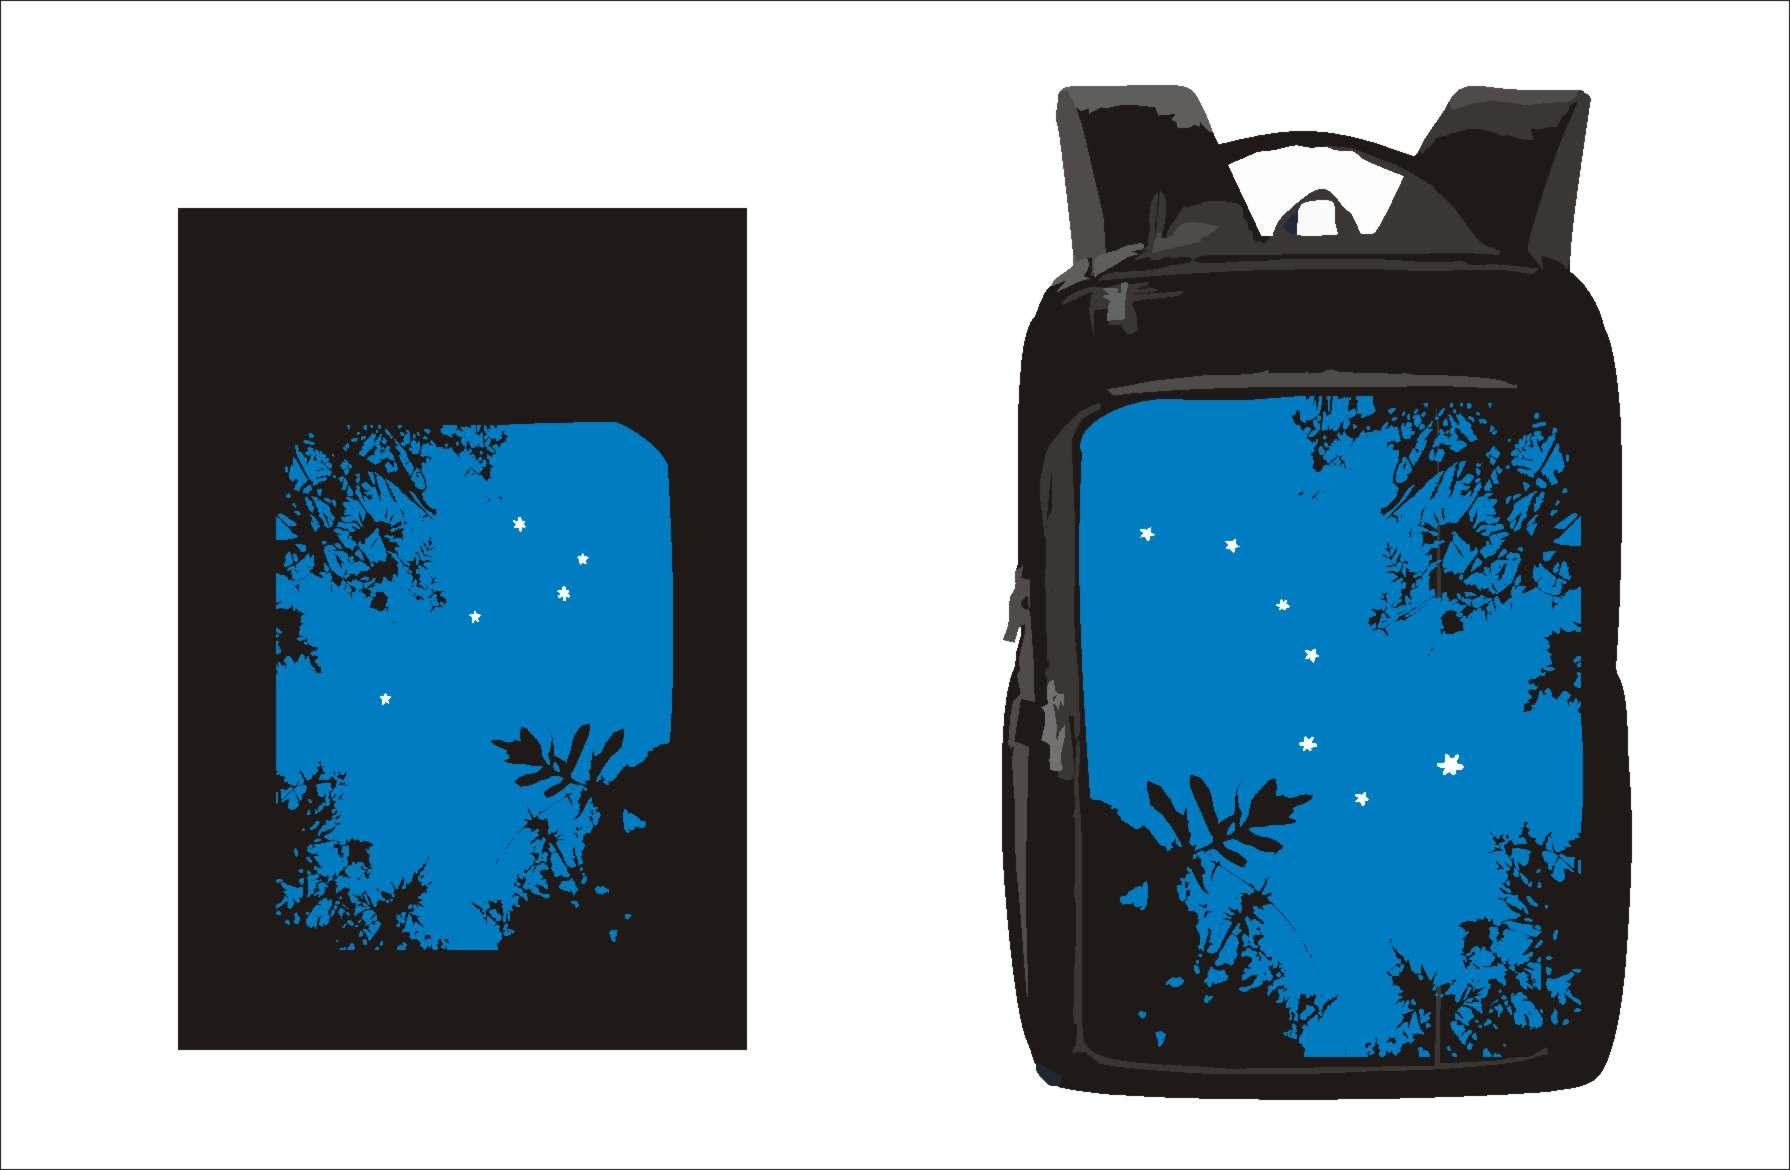 Конкурс на создание оригинального принта для рюкзаков фото f_6465f89e676a370c.jpg